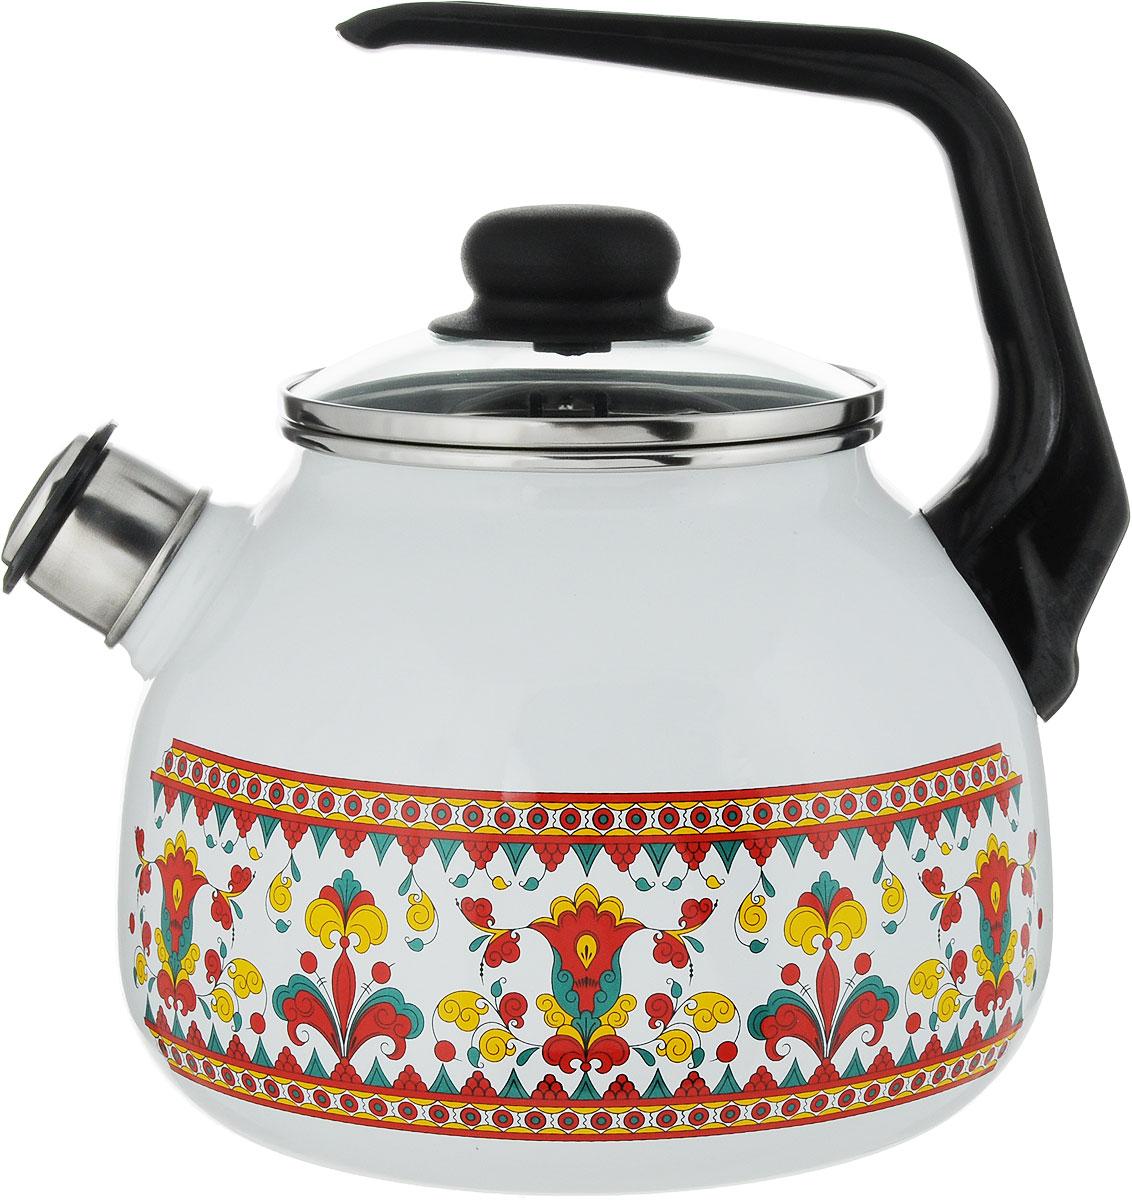 Чайник Appetite Карусель, со свистком, 3 л. 4с209я4с209яЧайник со свистком Appetite изготовлен из высококачественного стального проката сэмалированным покрытием. Эмалированная посуда очень удобна в использовании, онапрактична и элегантна. За такой посудой легко ухаживать: чистить и мыть. Чайники сэмалированным покрытием обладают неоспоримым преимуществом: гладкая поверхность невпитывает запахи и препятствует размножению бактерий. Чайник оснащен удобной бакелитовой ручкой, стеклянной крышкой.Носик чайника имеет съемный свисток, звуковой сигнал которого подскажет, когдазакипит вода. Подходит для использования на всех видах плит: электрических, газовых,стеклокерамических, индукционных.